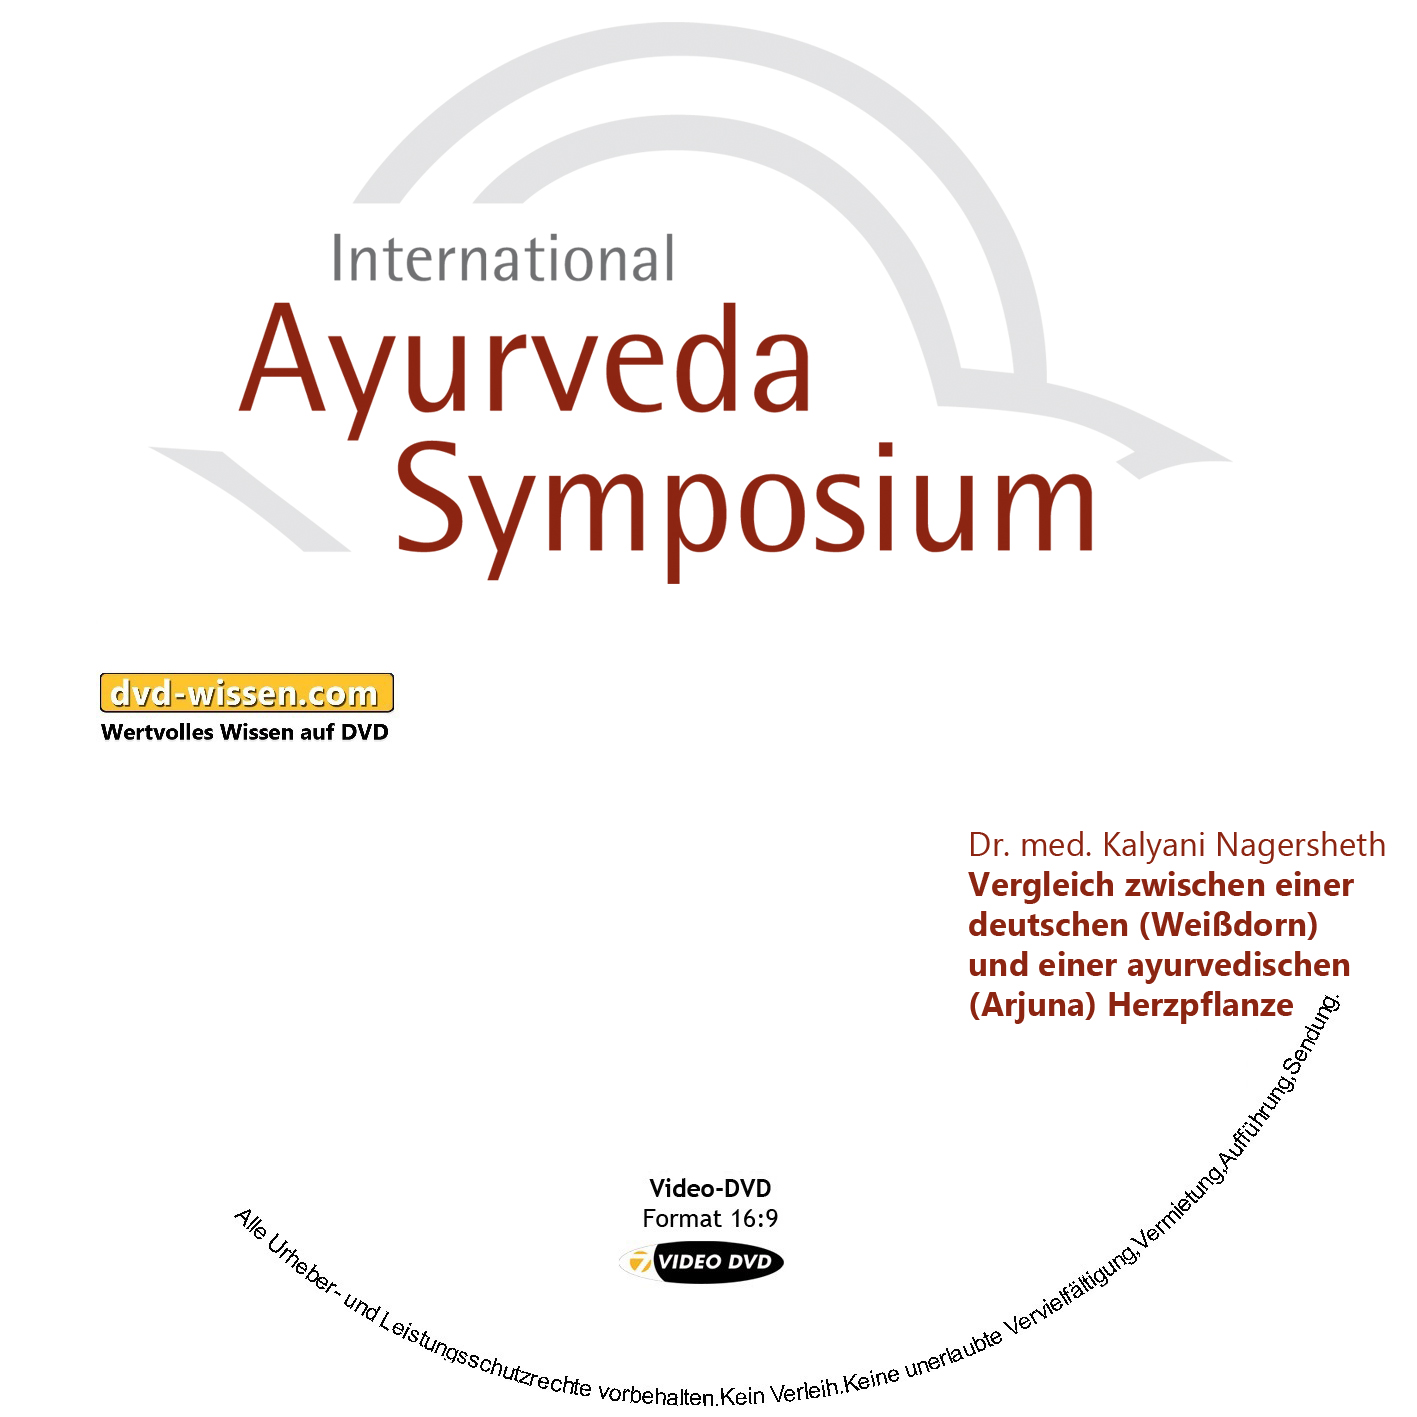 Dr. med. Kalyani Nagersheth: Vergleich zwischen einer deutschen (Weißdorn) und einer ayurvedischen (Arjuna) Herzpflanze